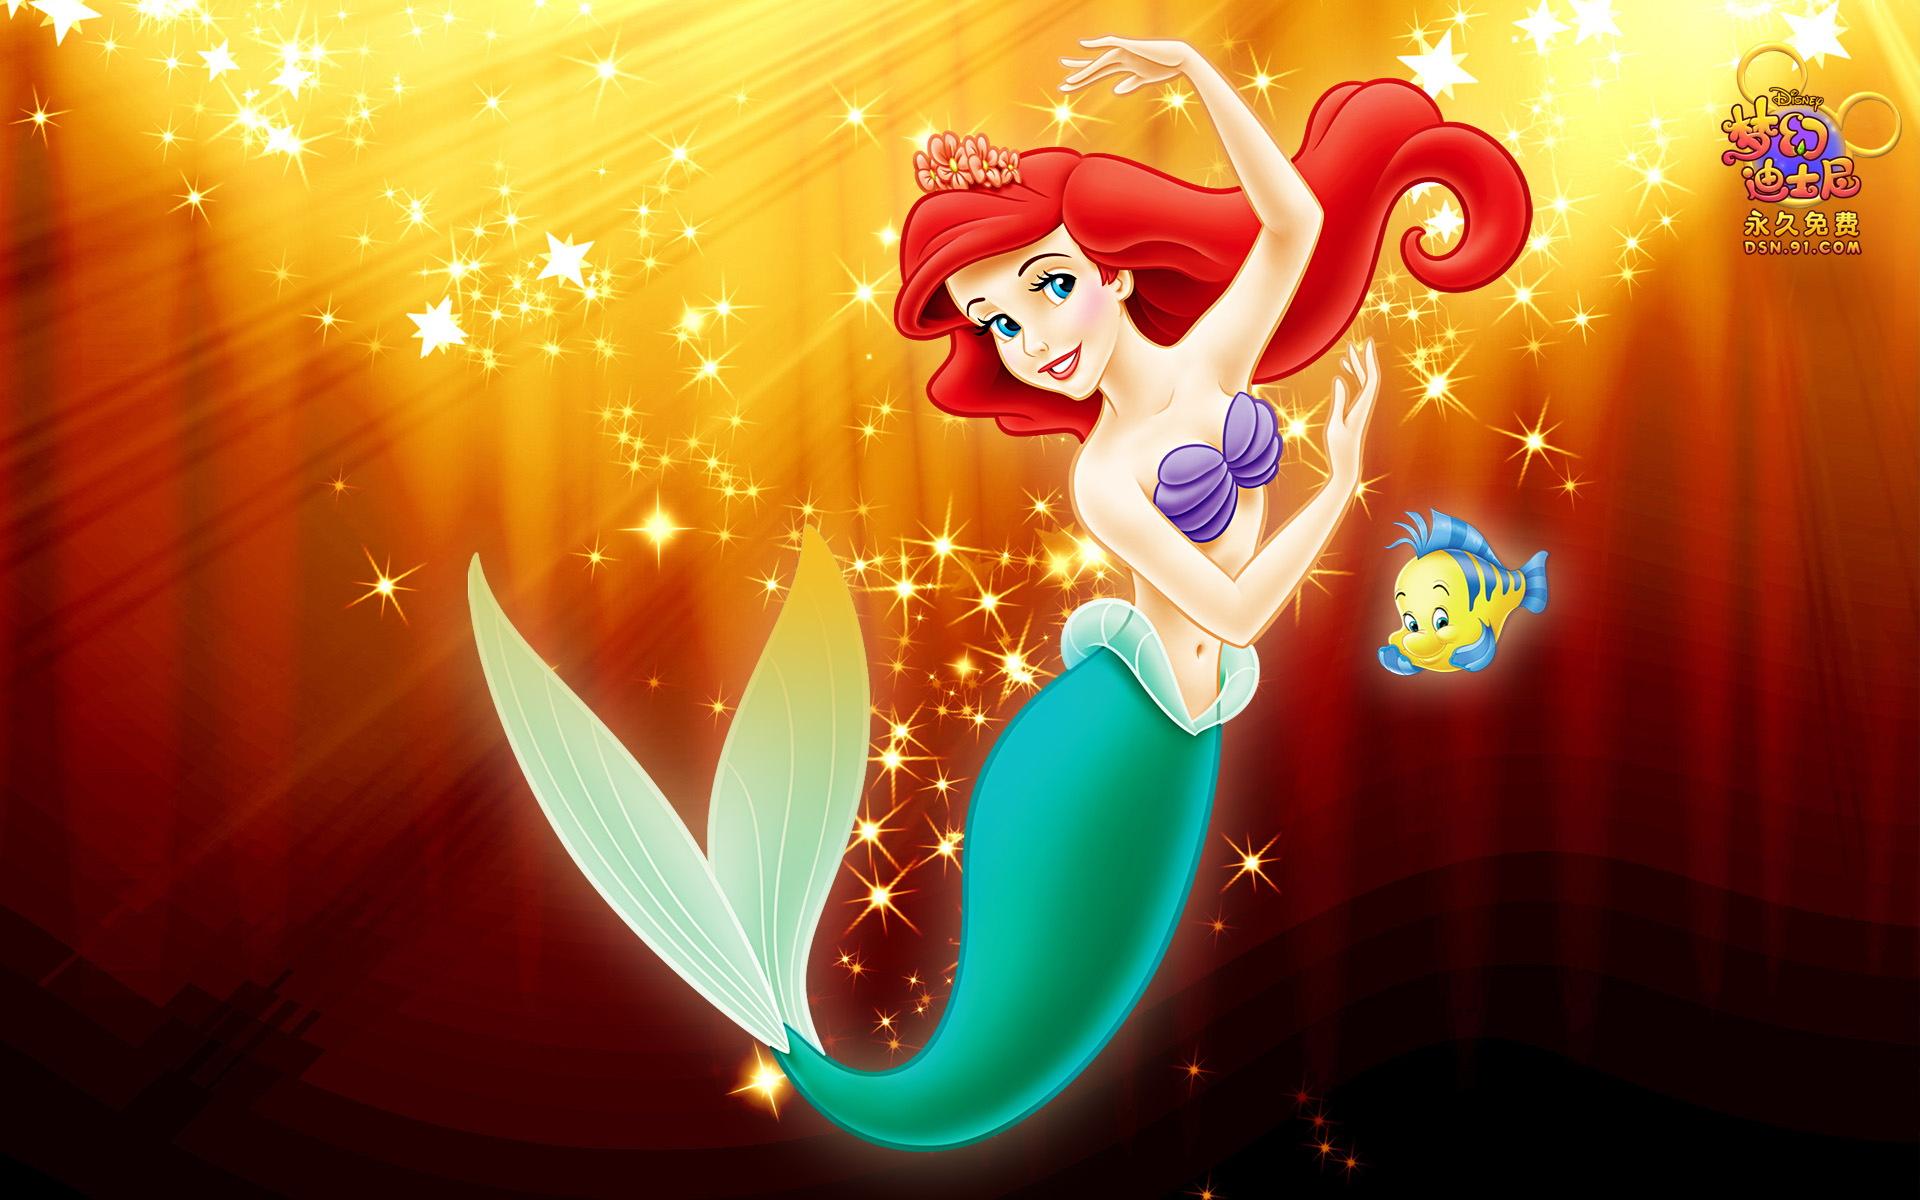 Cute Ariel Wallpaper on WallpaperSafari